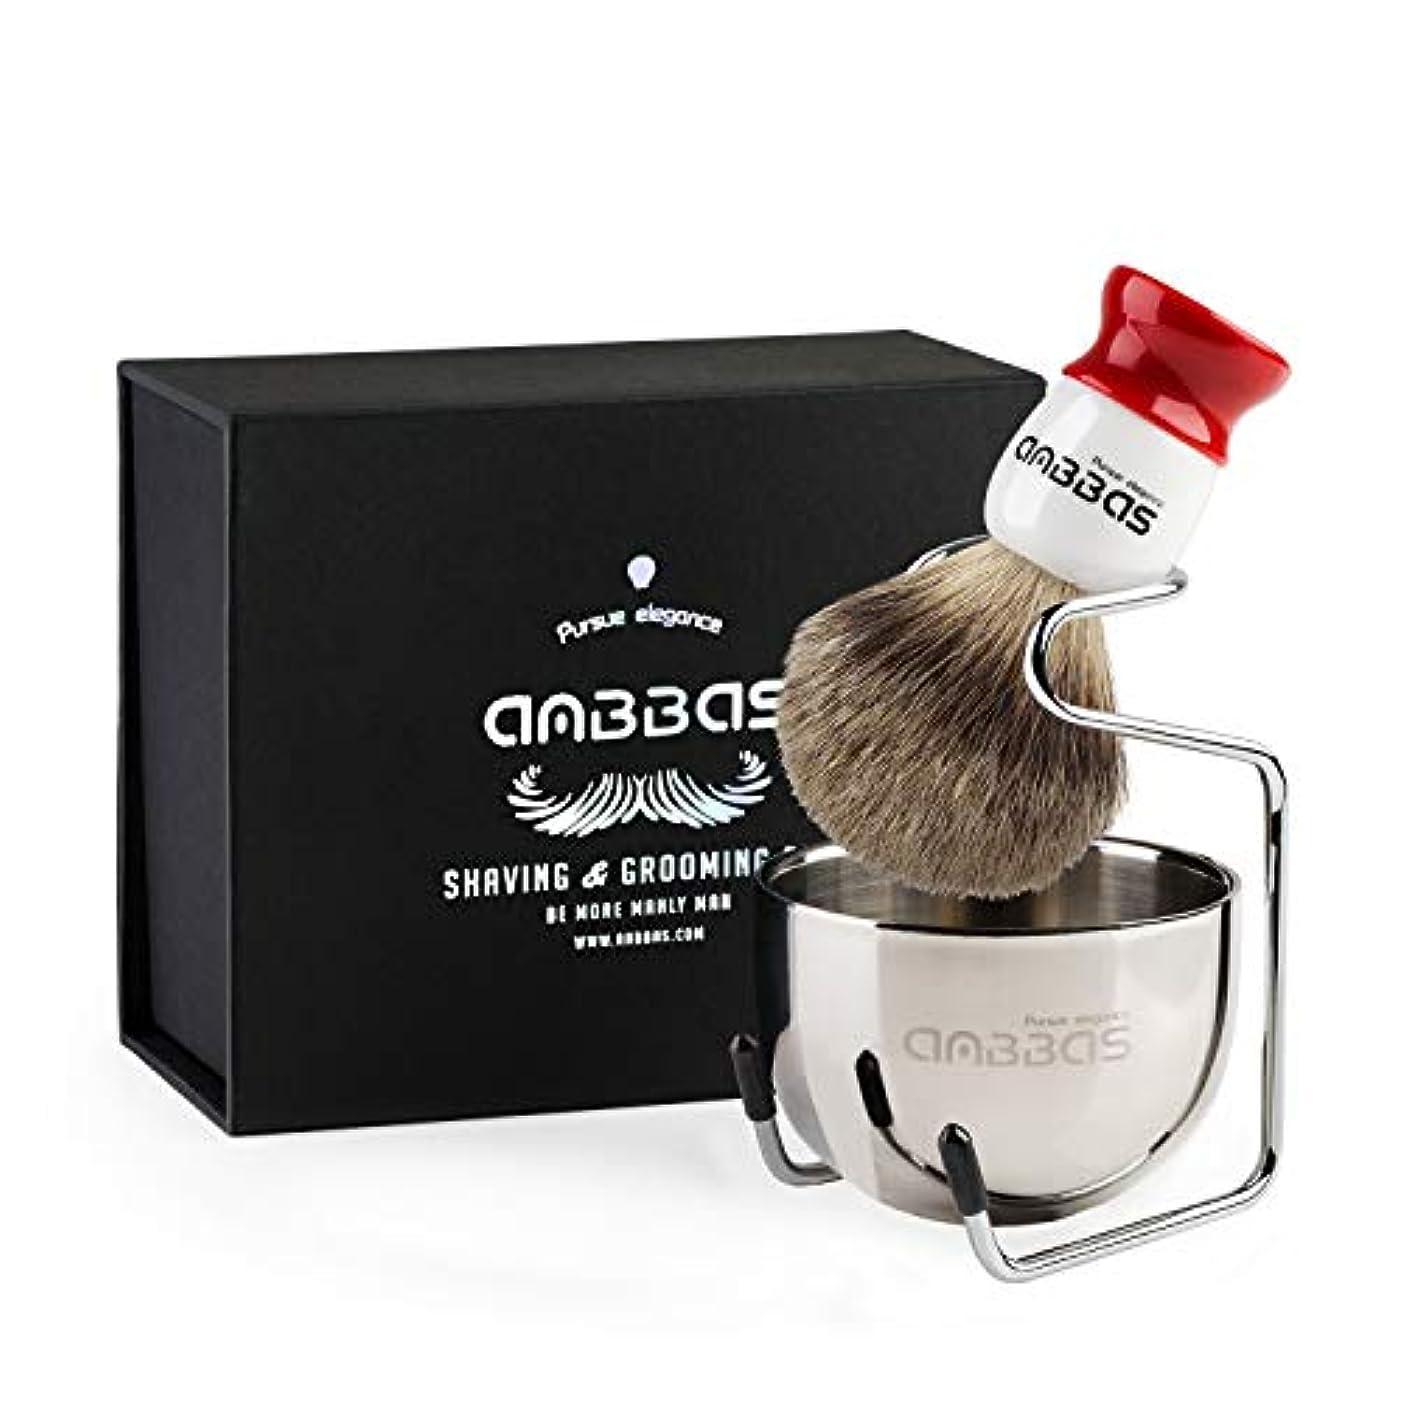 マウント標高できればひげブラシ Anbbasシェービングブラシ 純粋なバッガーヘア 髭剃り 泡立ち 洗顔ブラシ メンズ (3点セット)